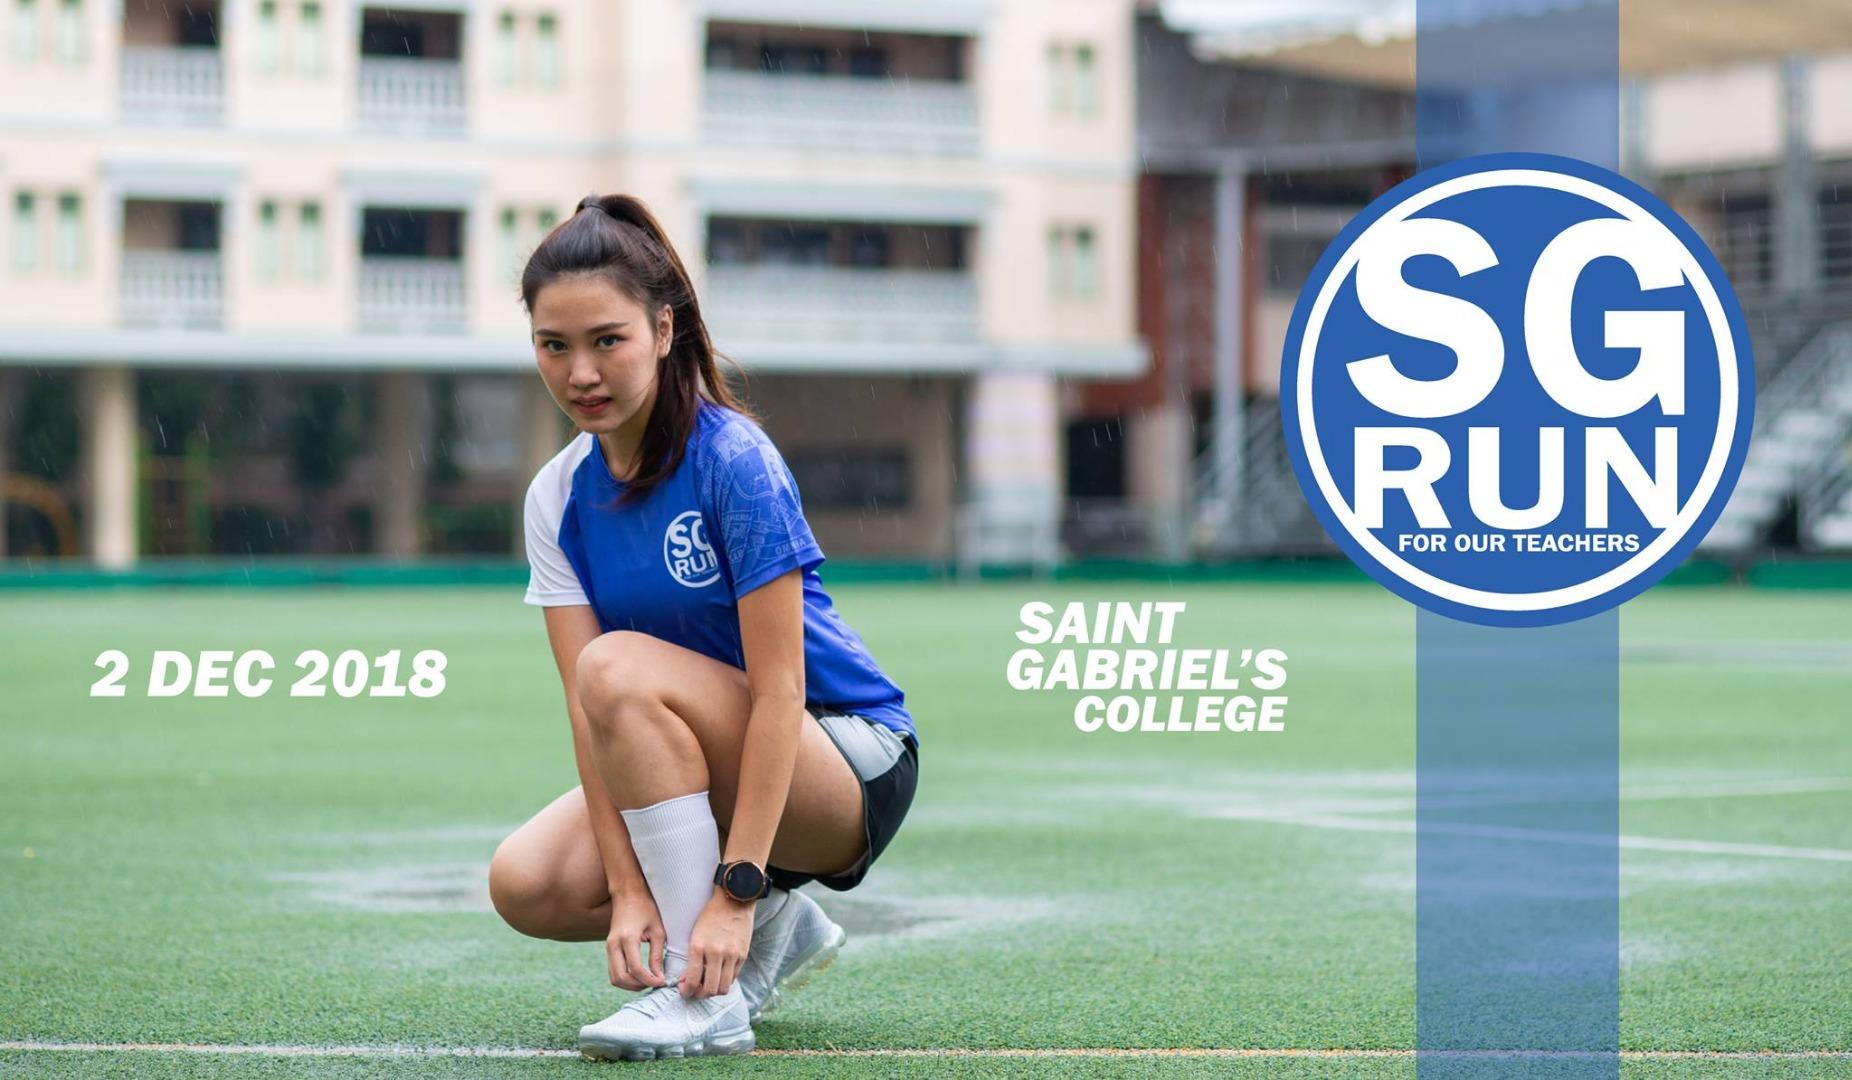 SG Run PRESS CONFERENCE